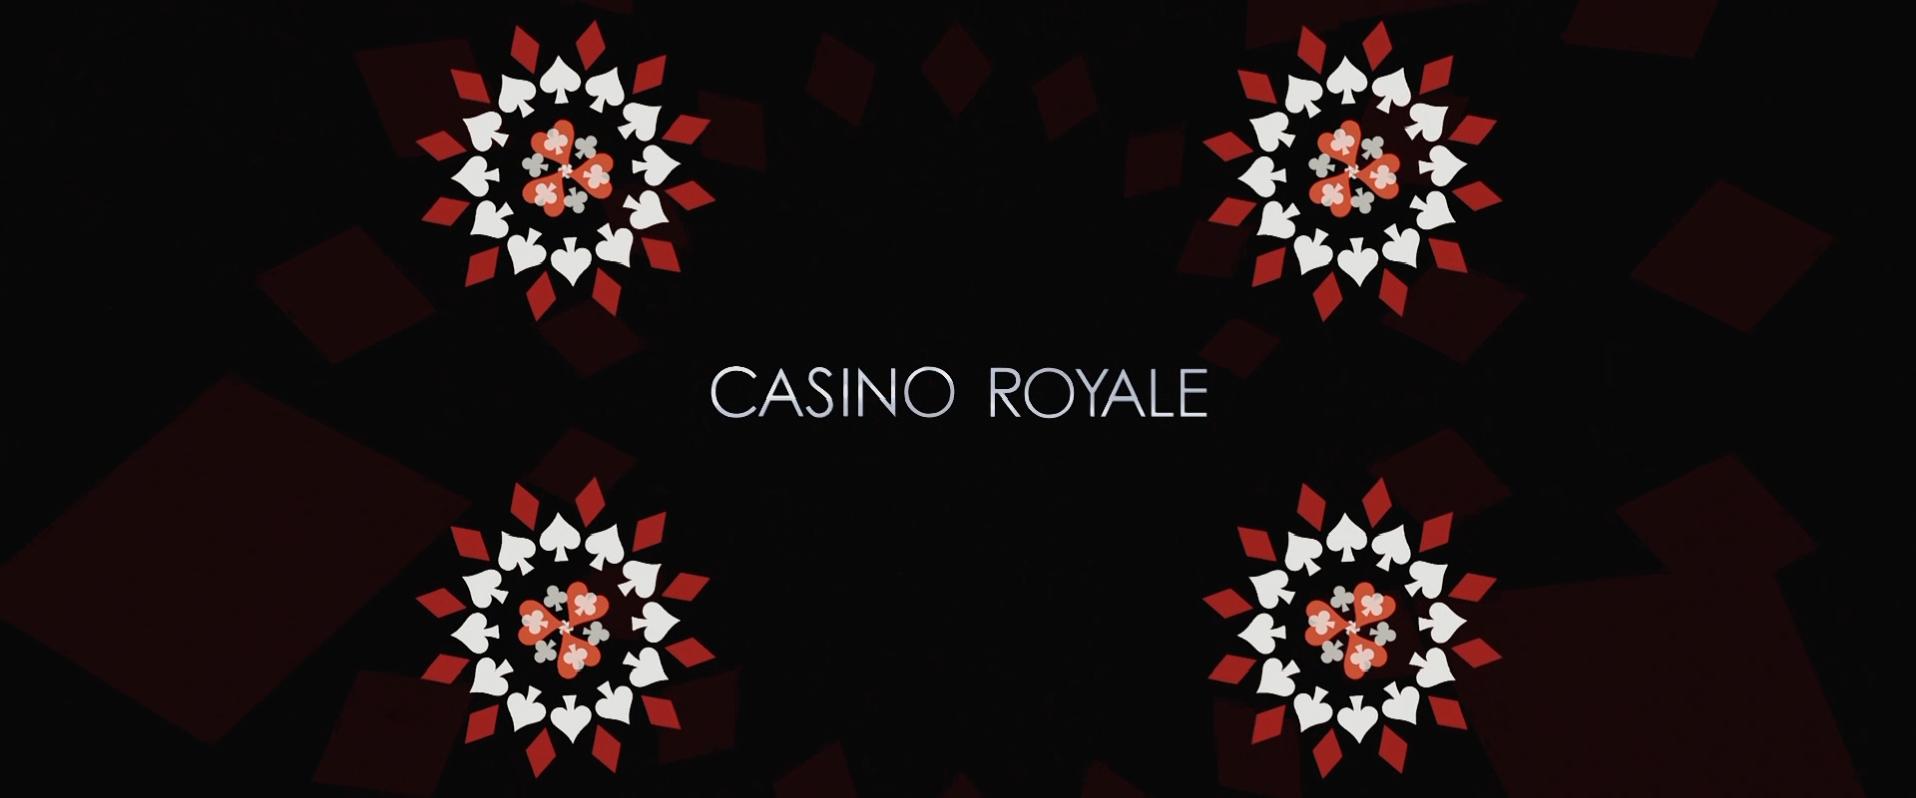 casino royale schriftzug